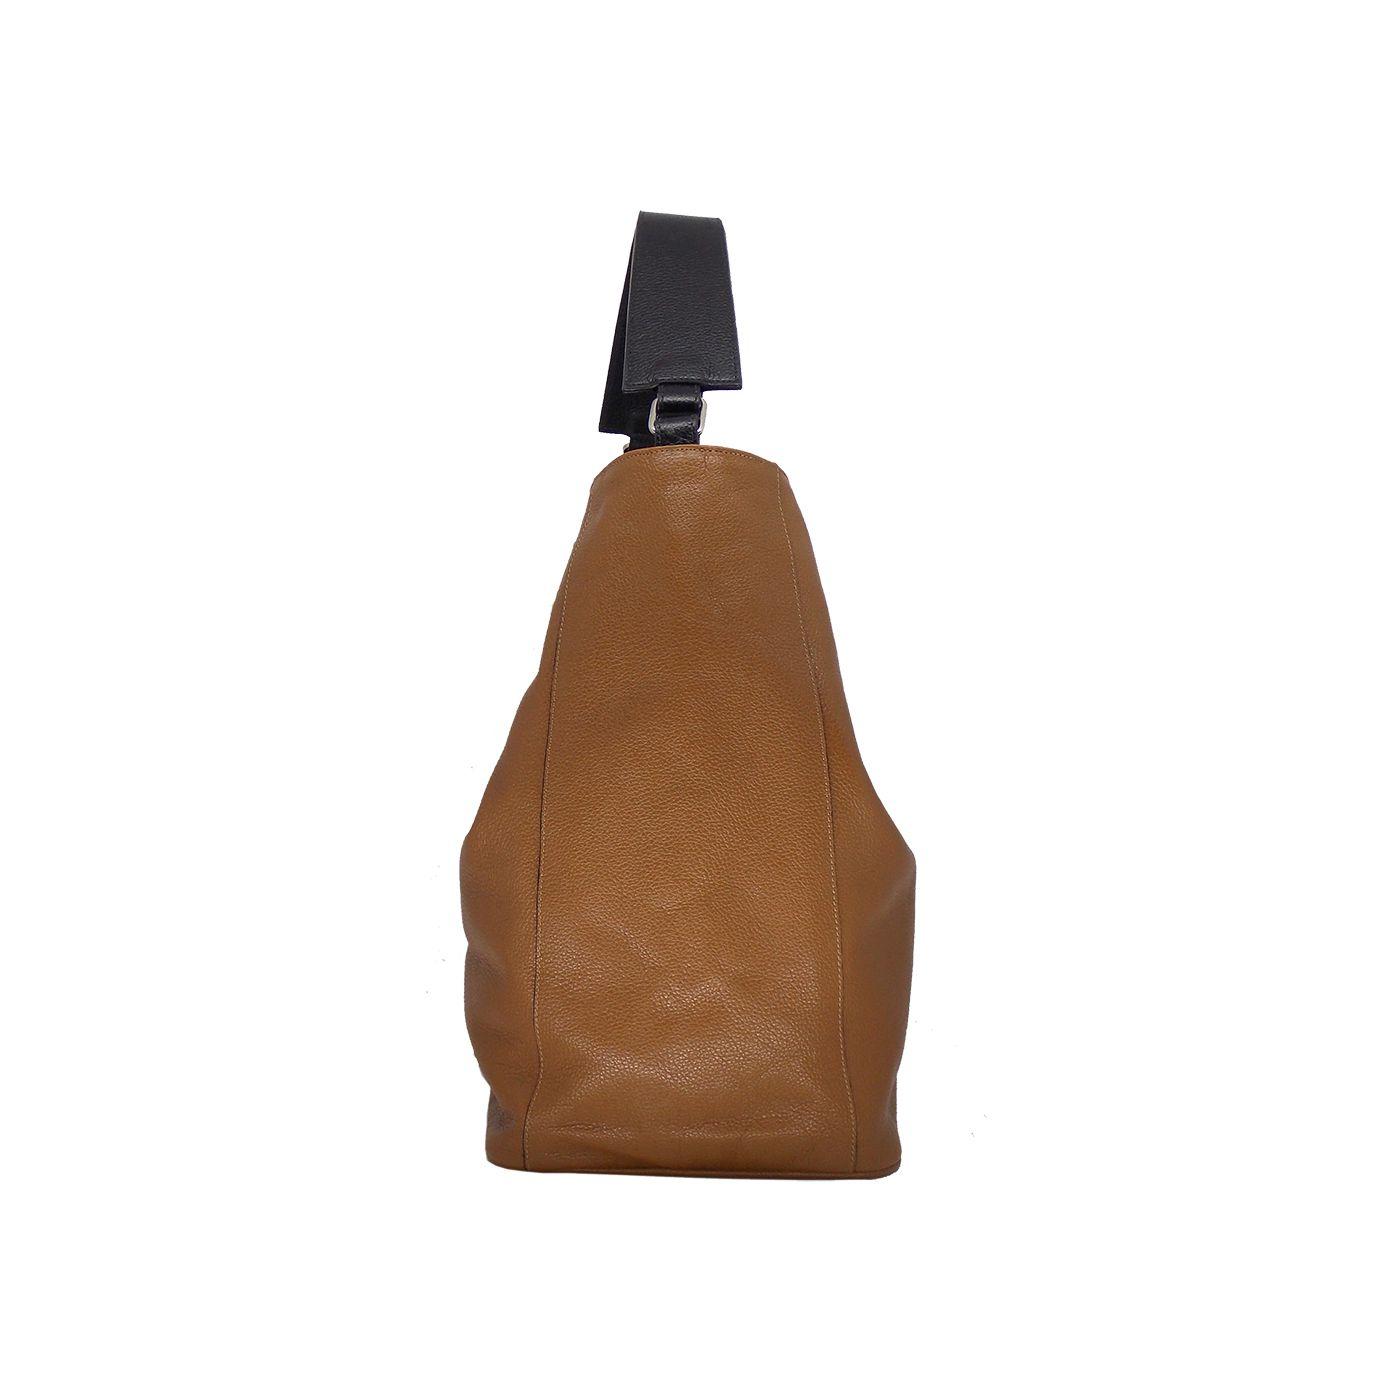 Bolsa Saco Feita em Couro Original Caramelo - Colatto